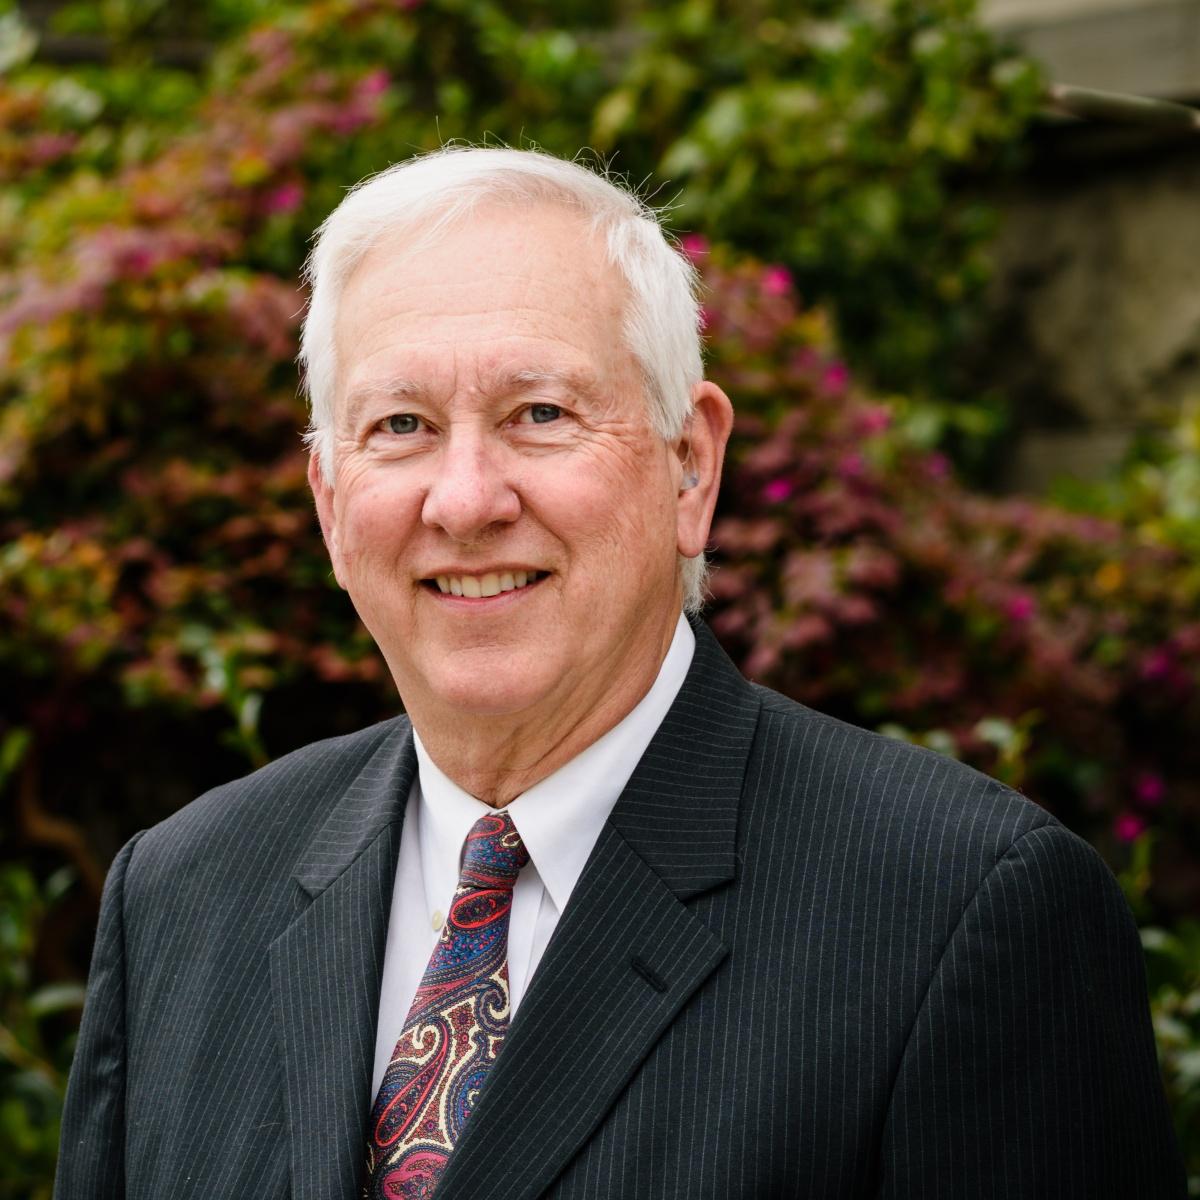 Peter G. Riechert